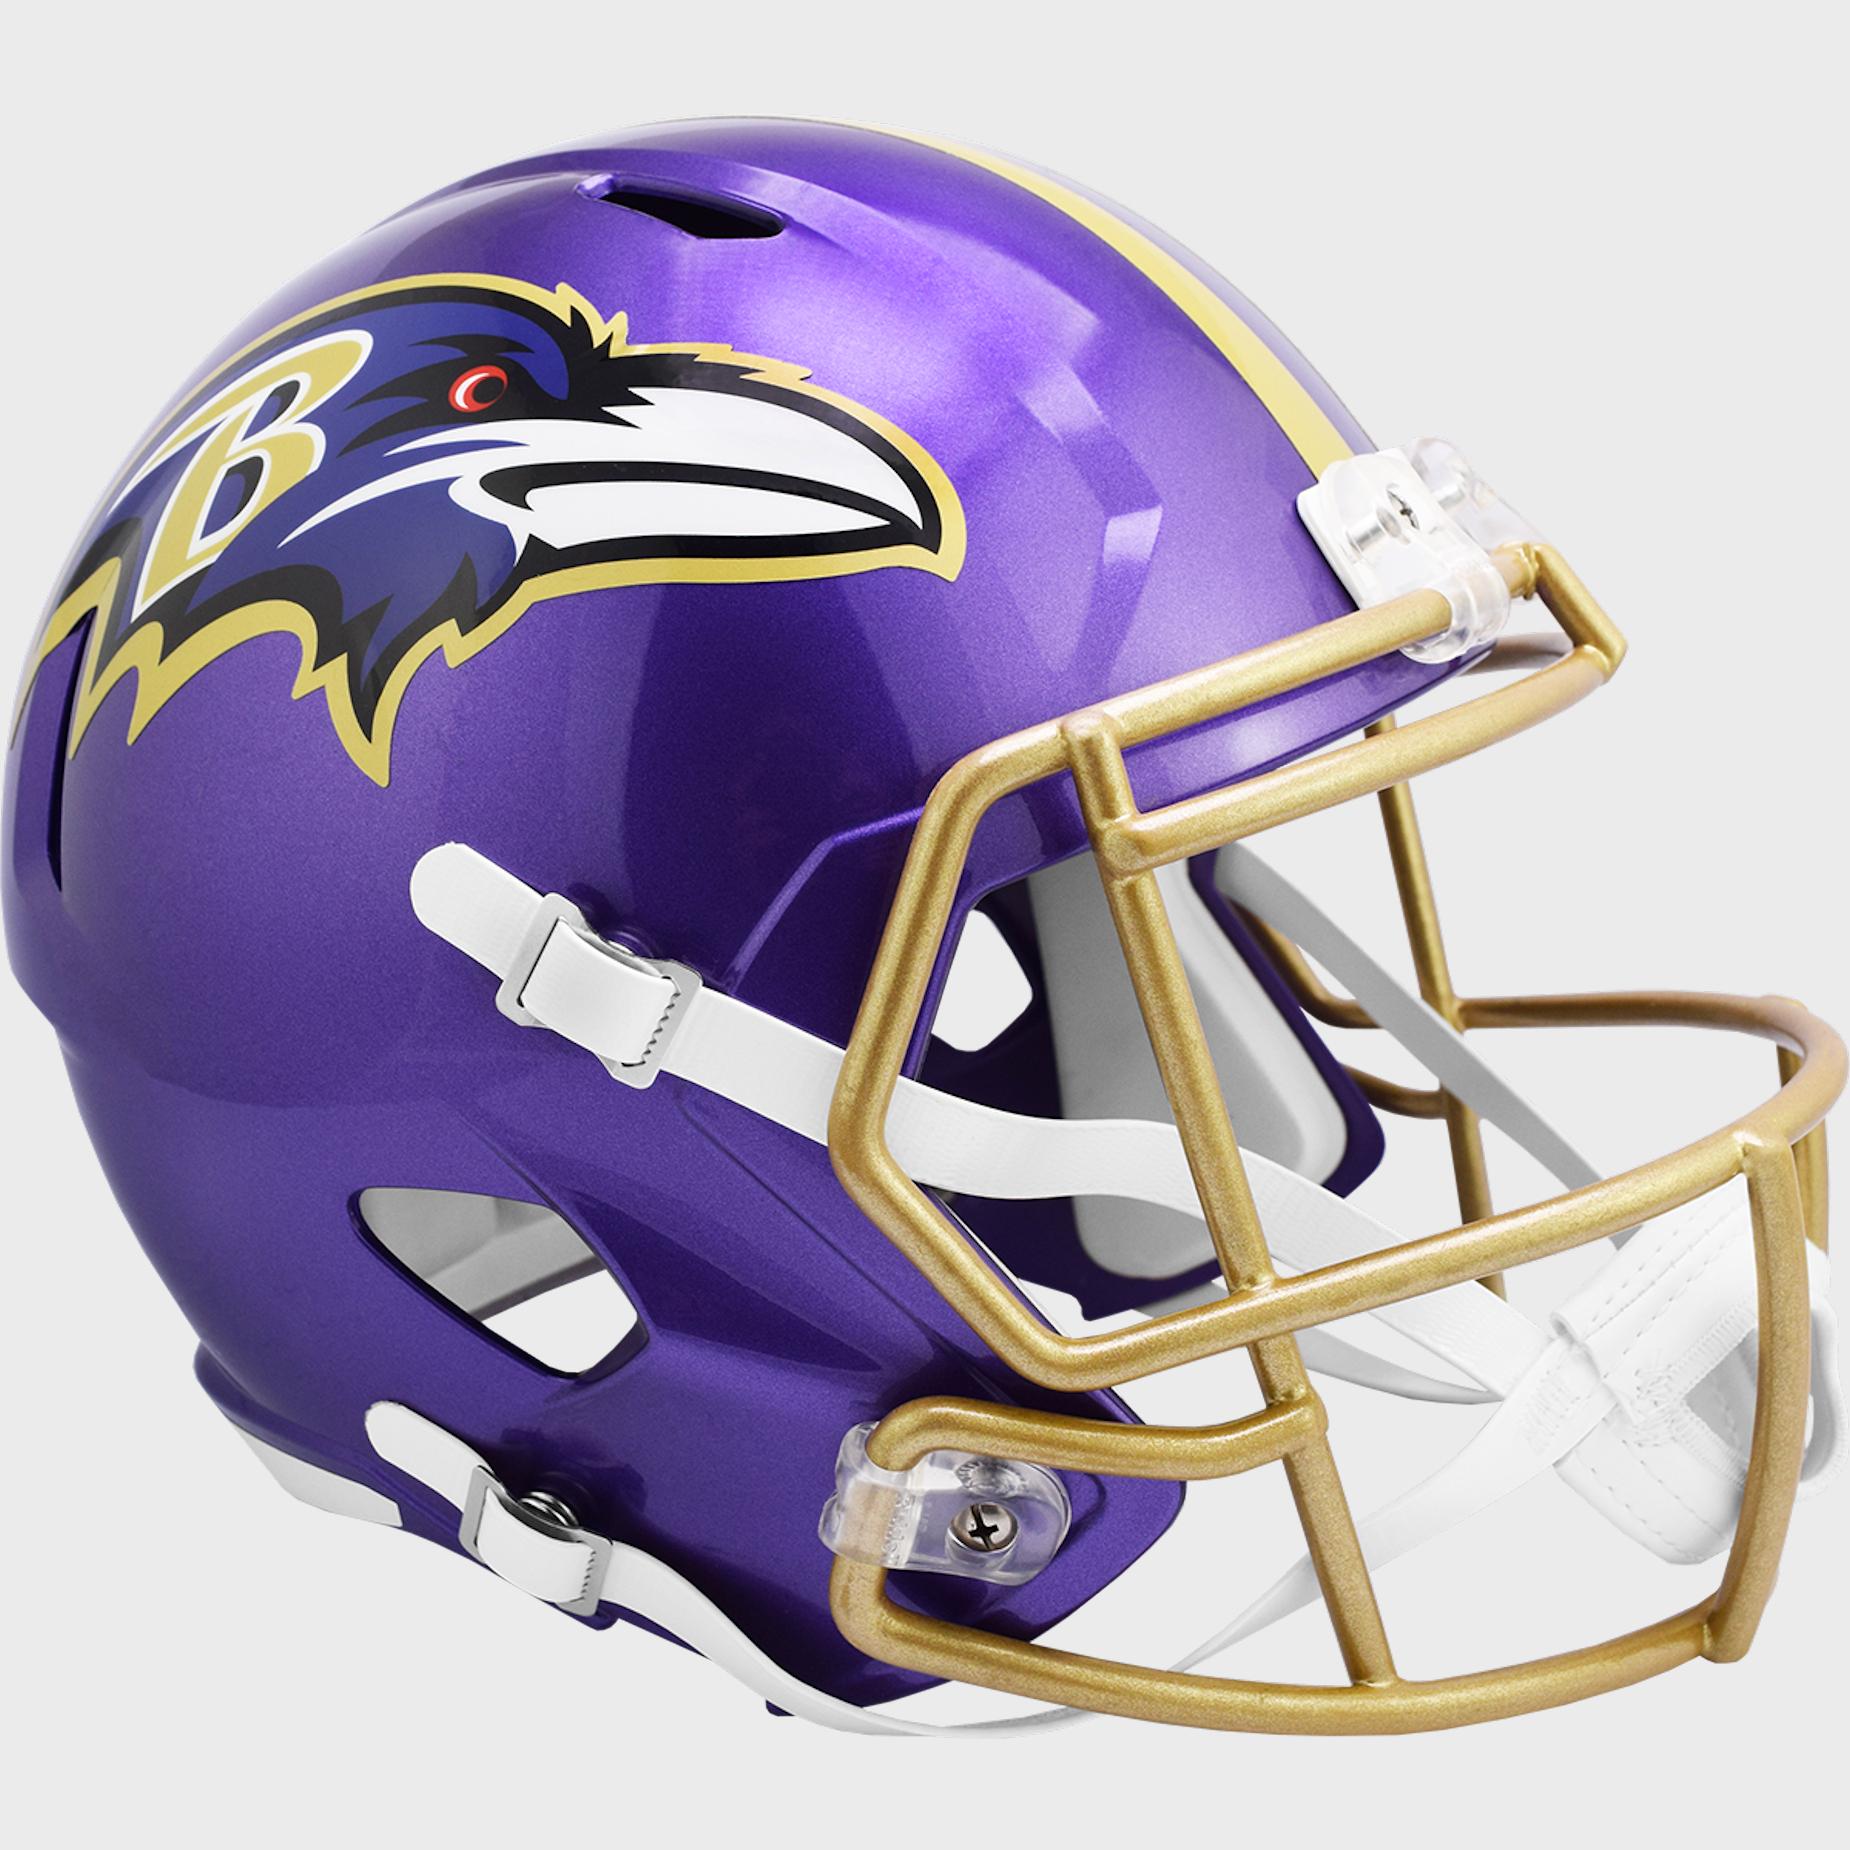 Baltimore Ravens Speed Replica Football Helmet <B>FLASH ESD 8/21/21</B>